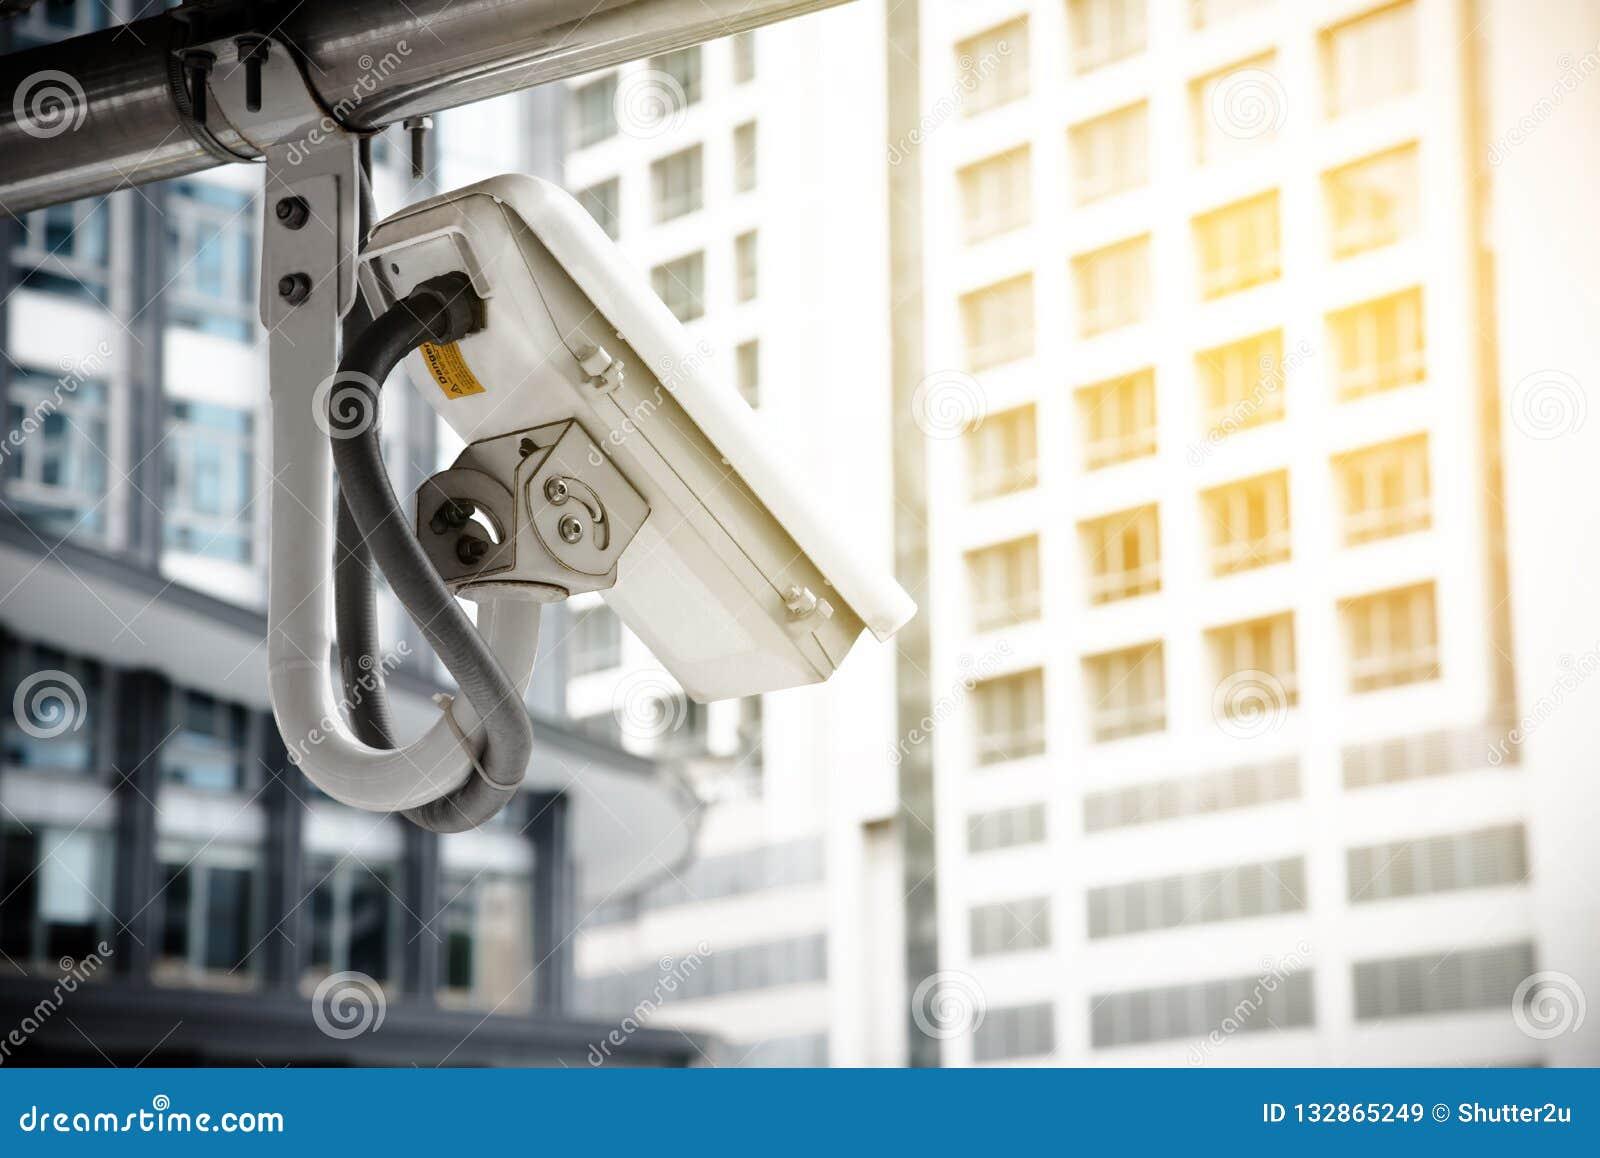 Η κάμερα CCTV που χρησιμοποιεί για προστατεύει τον εγκληματία στη μητρόπολη